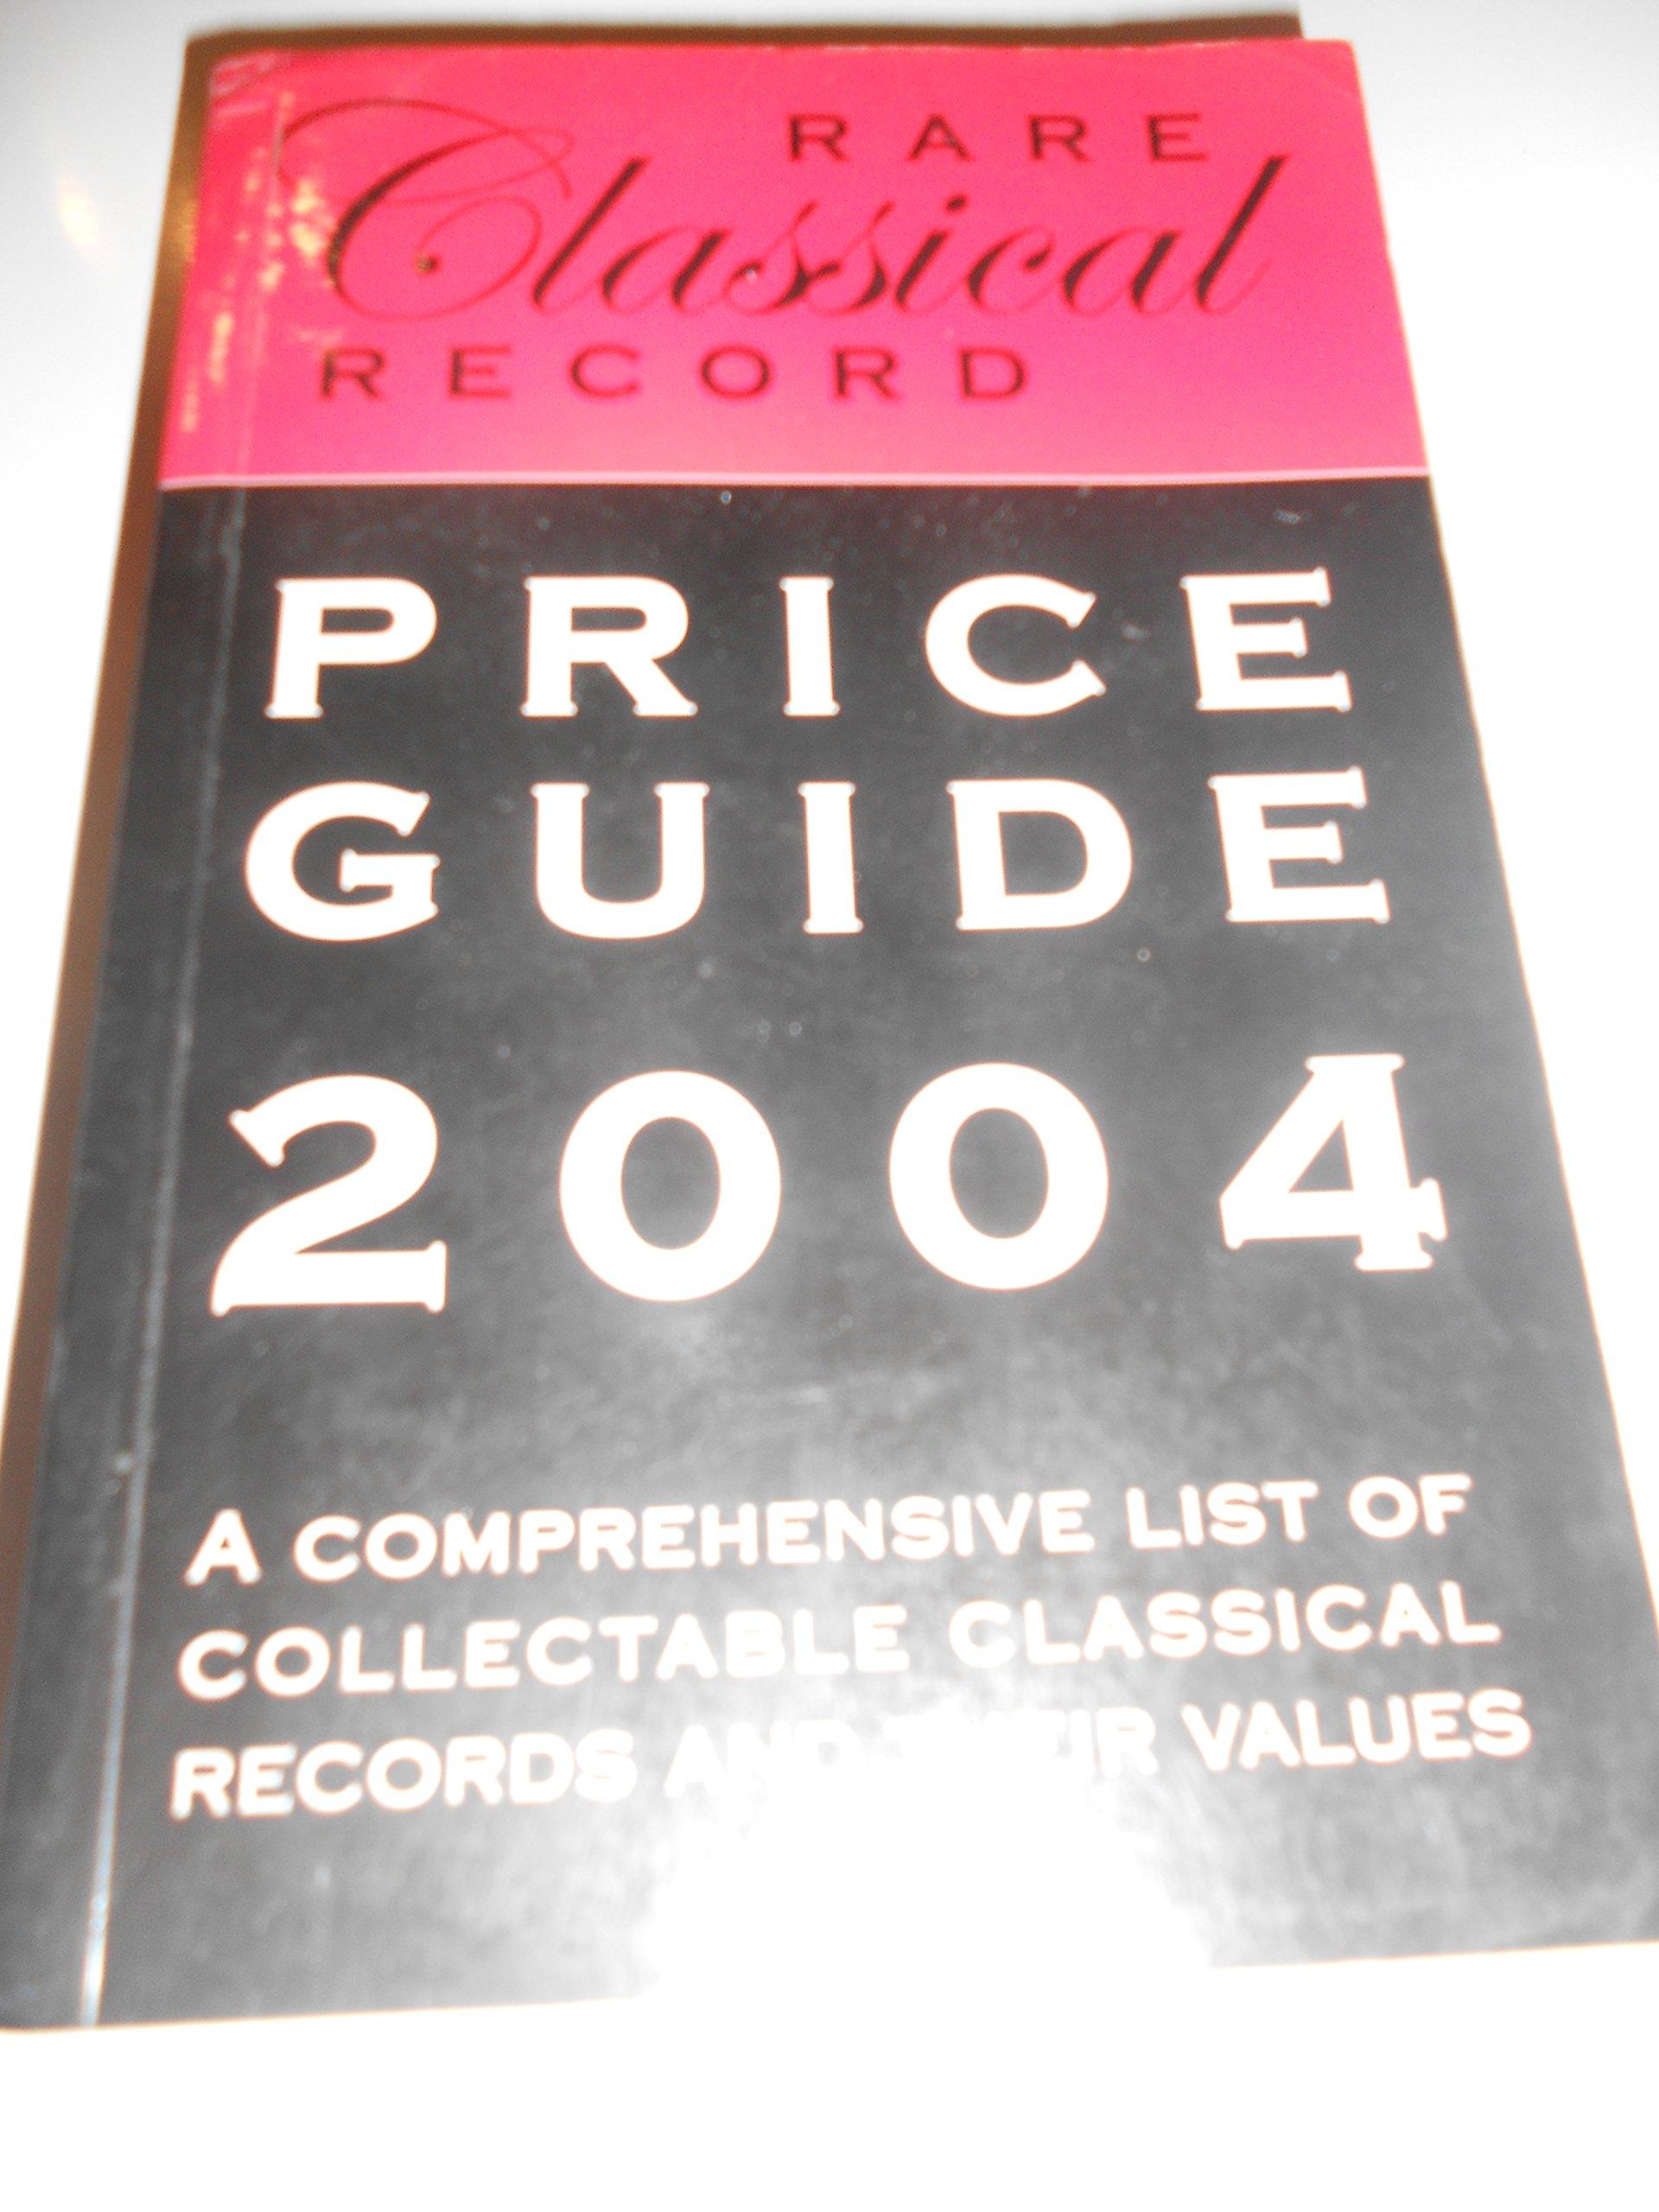 Rare record prices guide